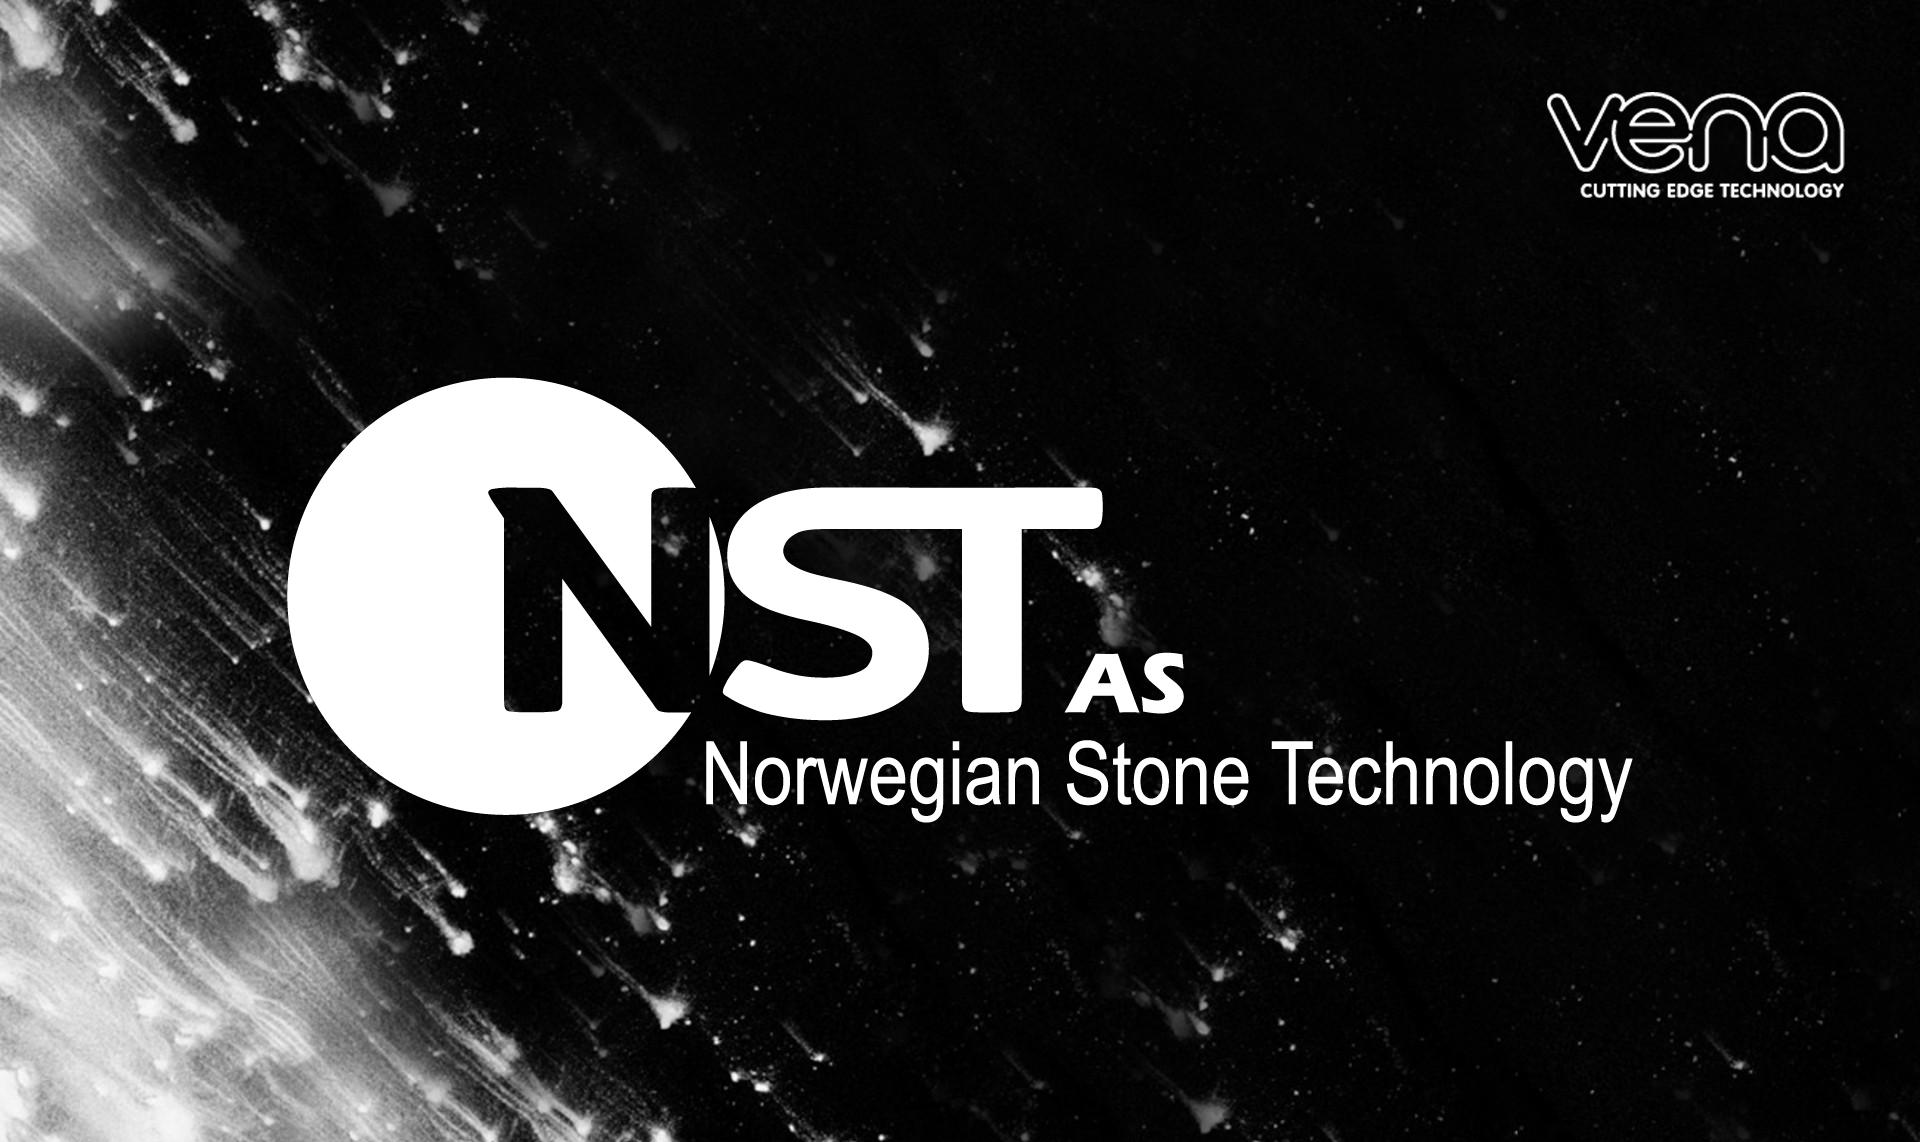 NST AS - NETTBUTIKK